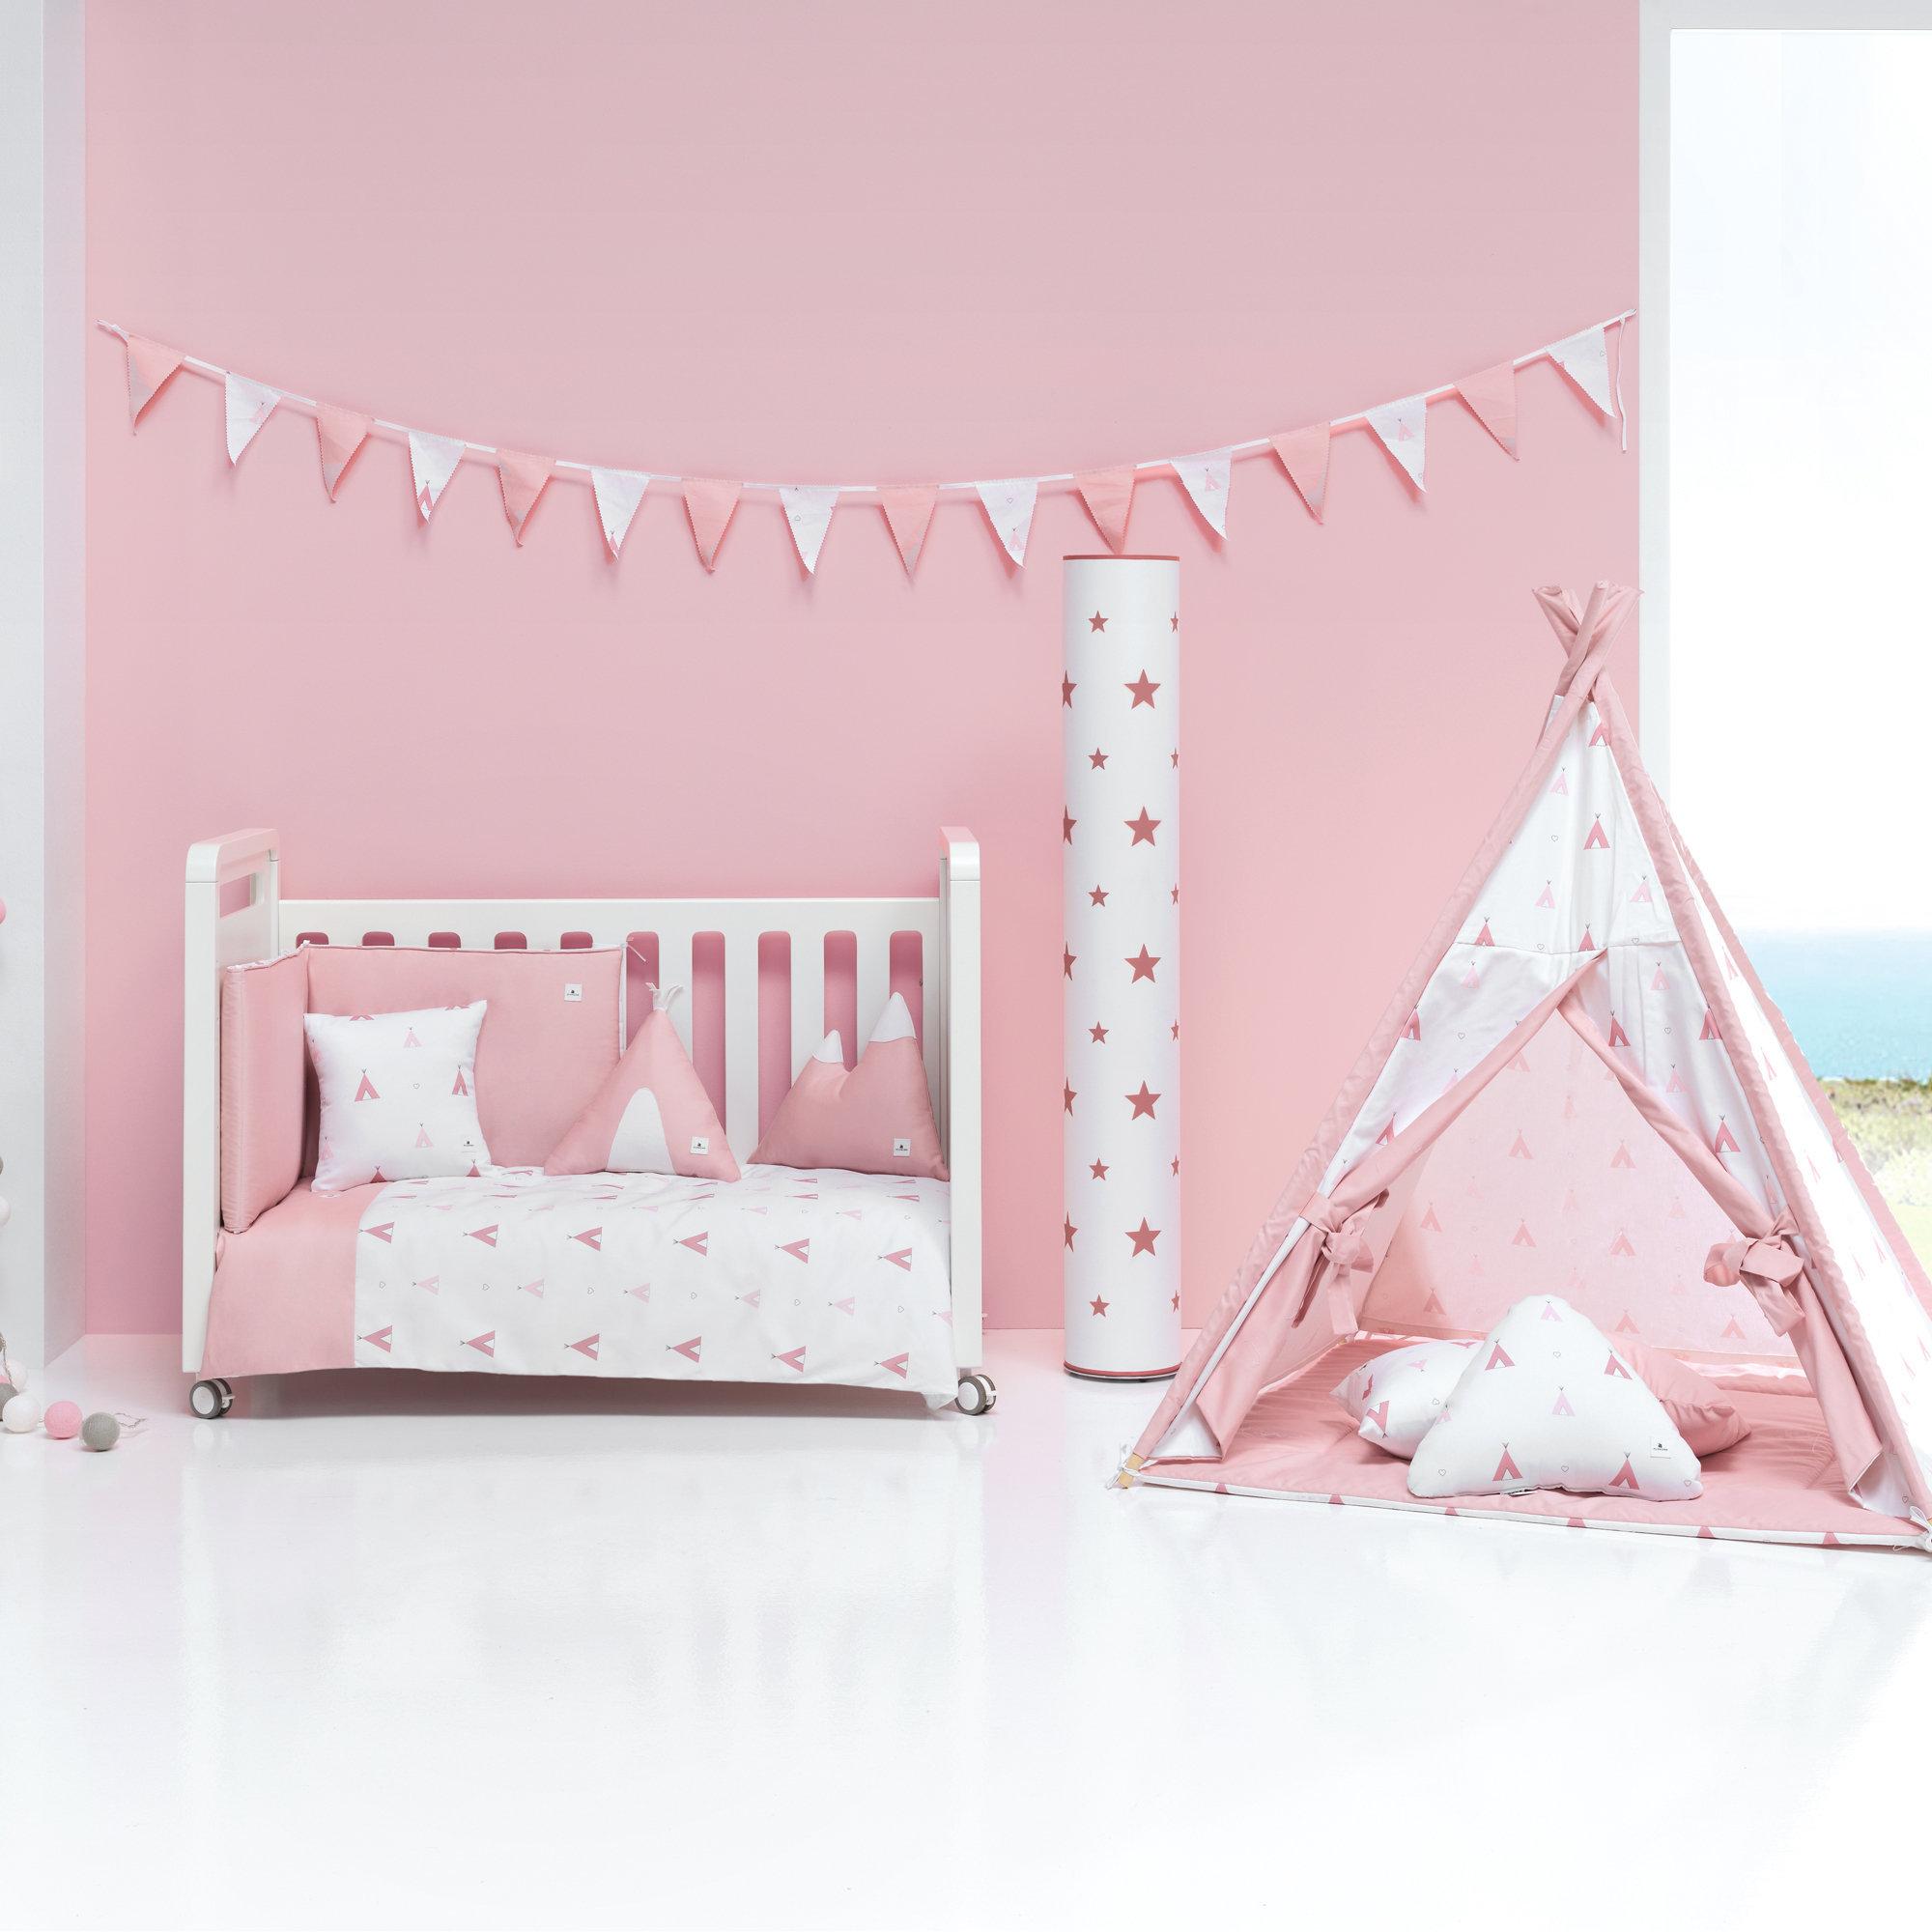 Colección textil para cuna de bebé en color rosa y blanco con estampado